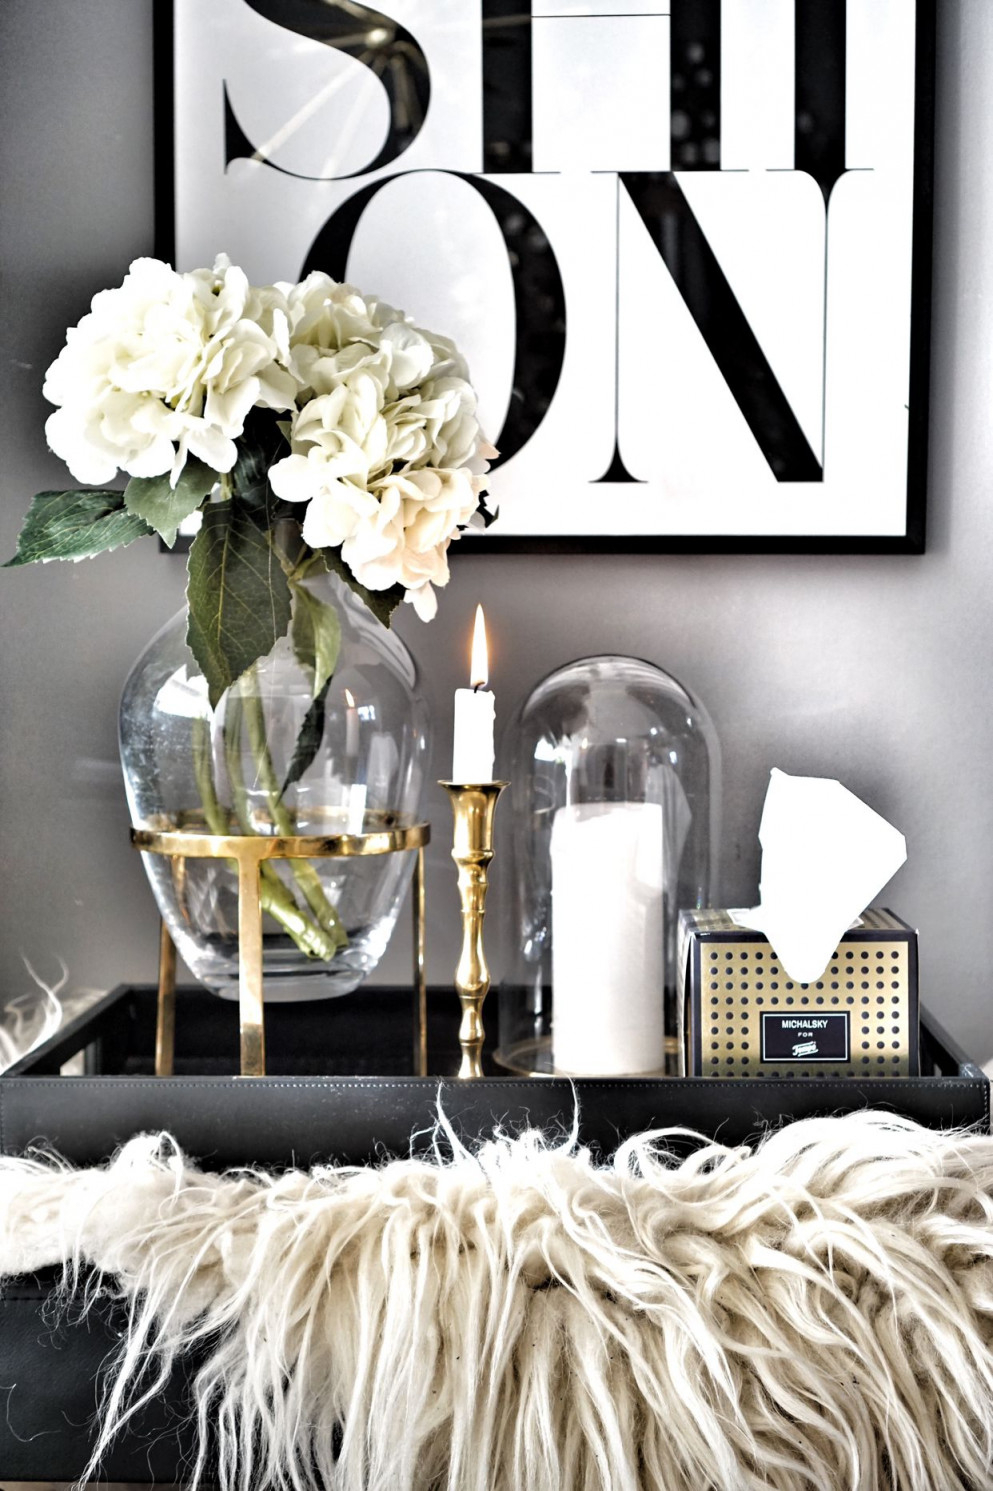 Wohnzimmer Details Tablett Vase(Werbung)  Wohnzimmer von Bilder Für Wohnzimmer Schwarz Weiß Photo